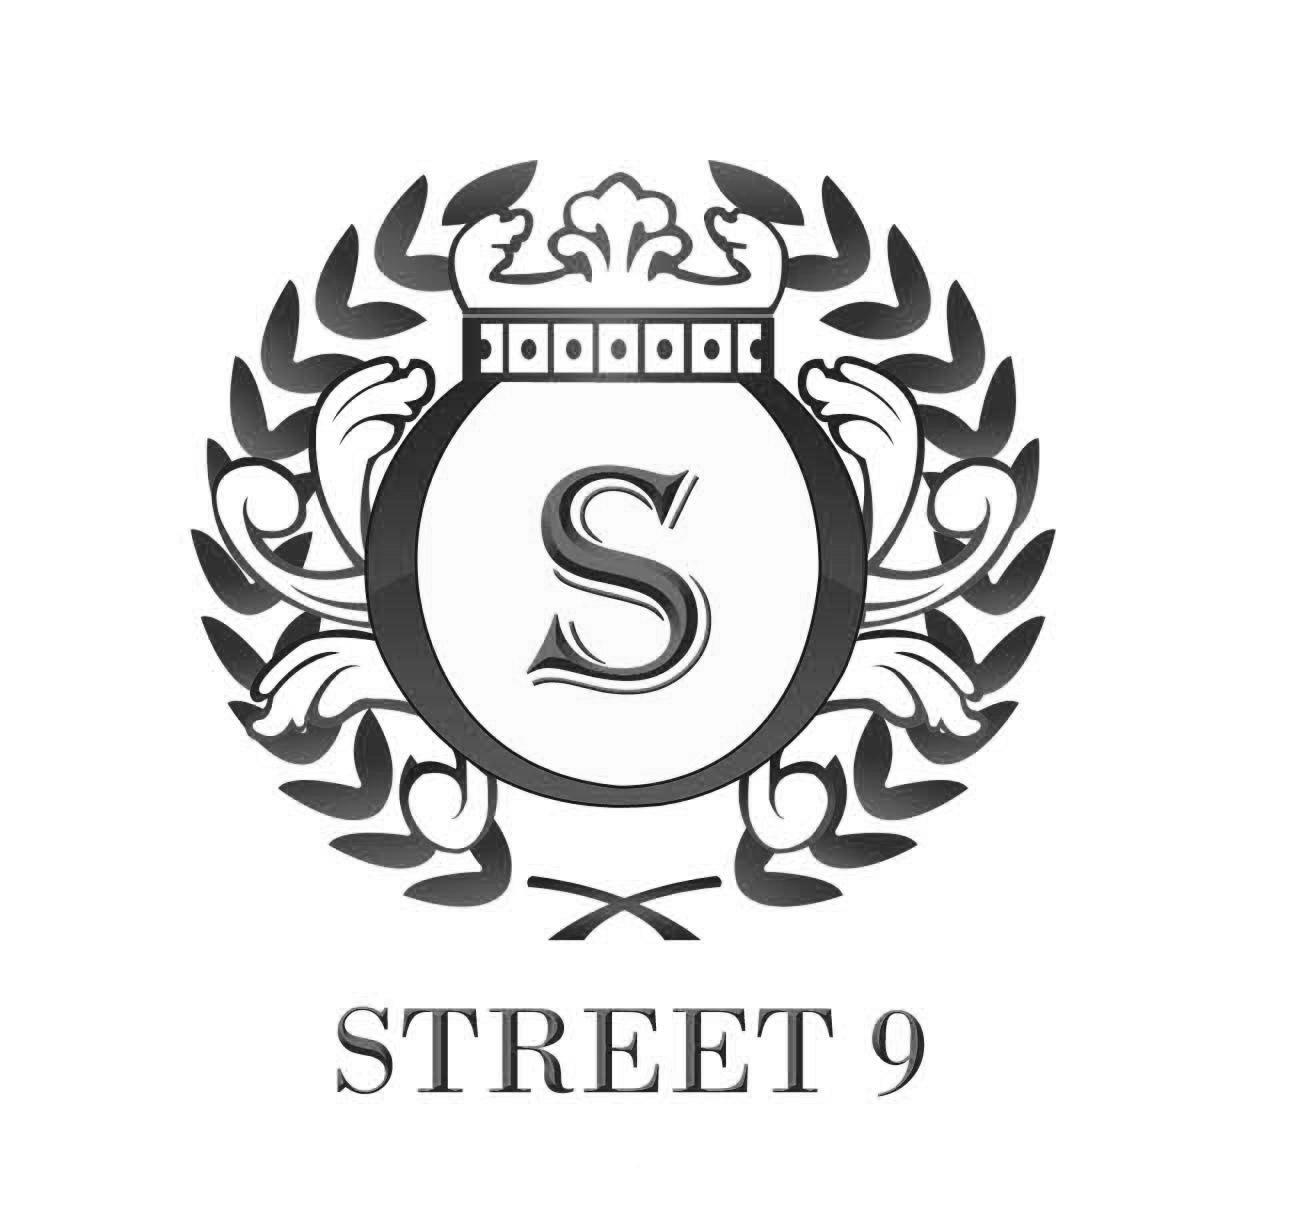 Street9 Logo